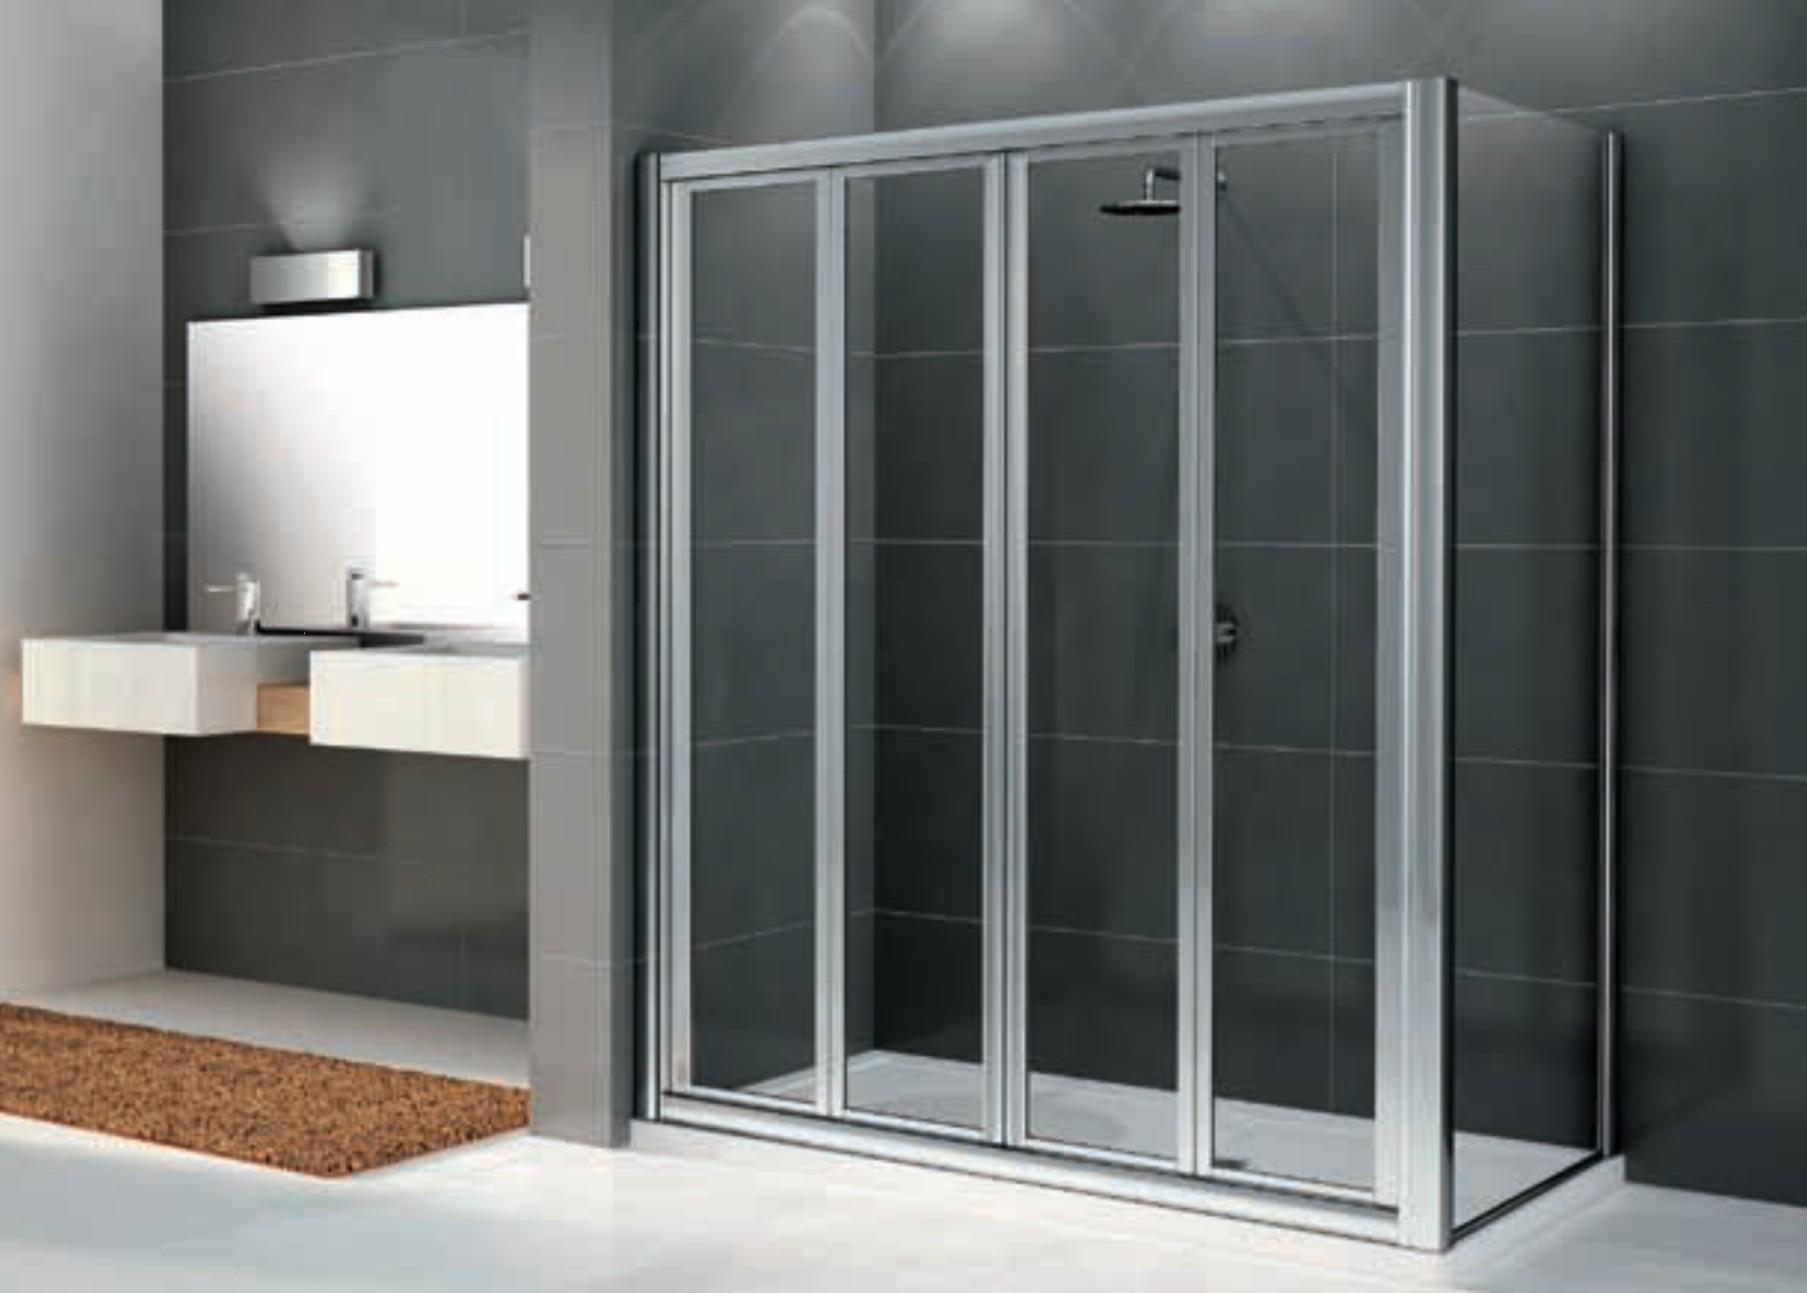 Vasche Da Bagno In Vetro Prezzi : Vetri doccia per vasca da bagno images parete vasca bagno